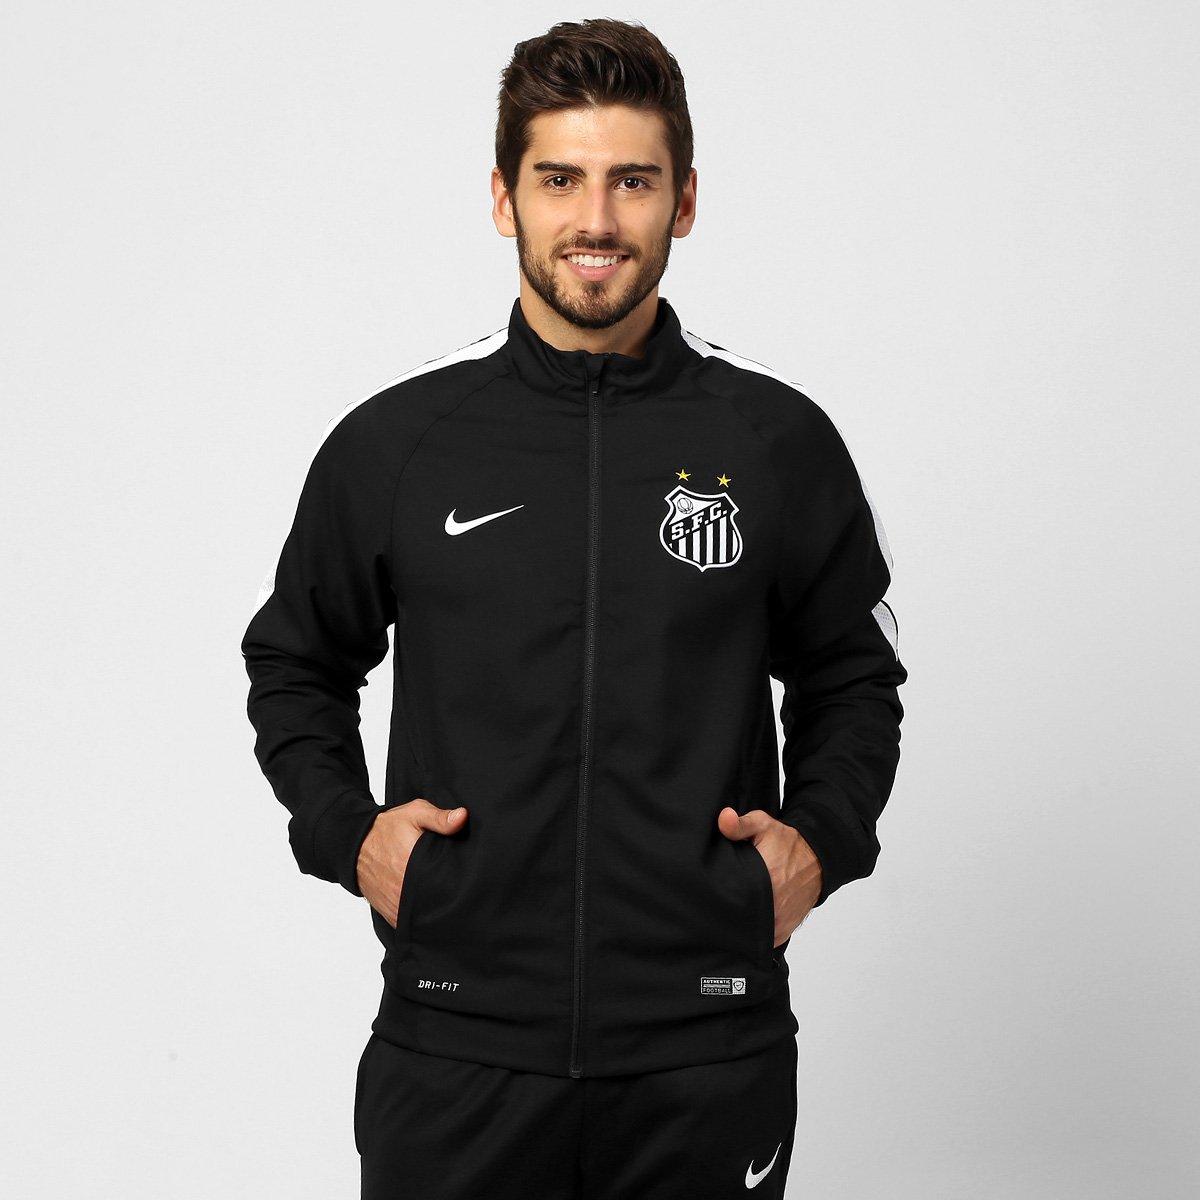 Jaqueta Nike Santos Treino 2015 - Compre Agora  0c4c299fe06bf